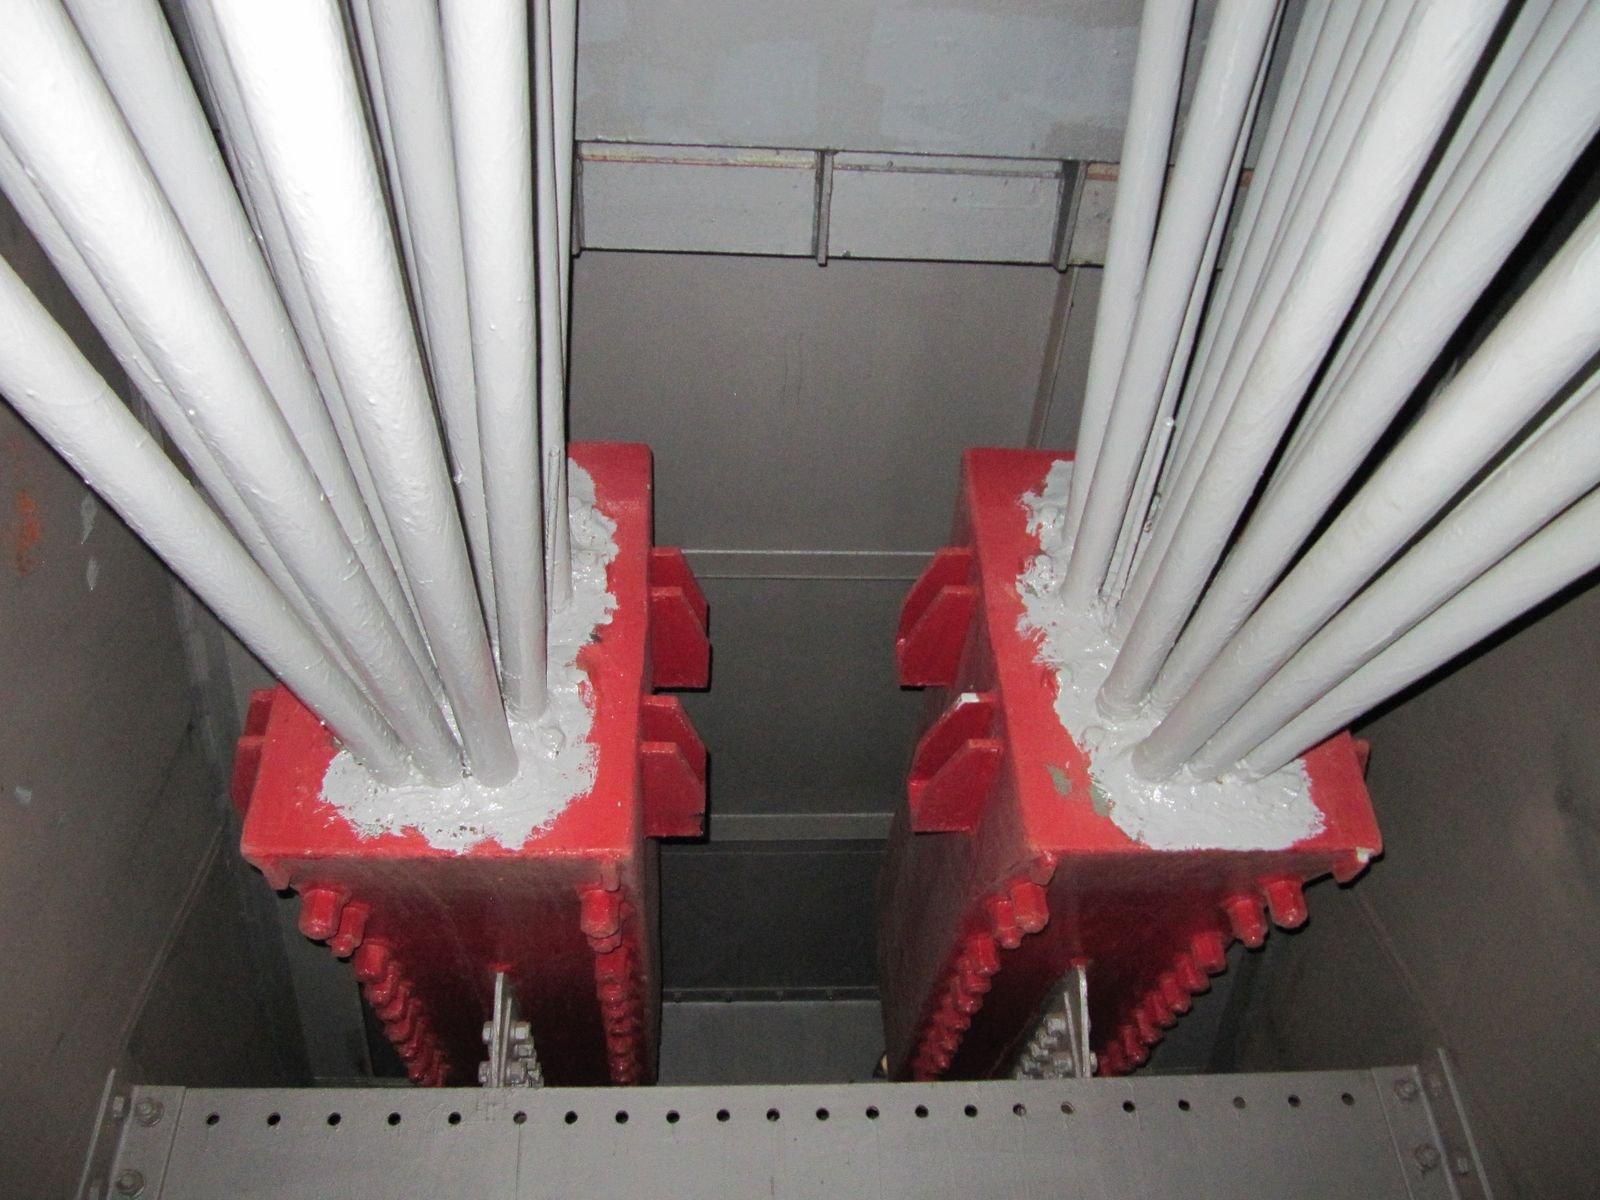 Blick in eine Seilkammer der Leverkusener Autobahnbrücke: Die Risse in den Stahlseilen vergrößern sich schnell, sind für das Auge wegen der Lackierung allerdings unsichtbar.Schweißnähte halten nicht mehr, deshalb werden nun Winkel verschraubt, um die Seile zu stabilisieren.